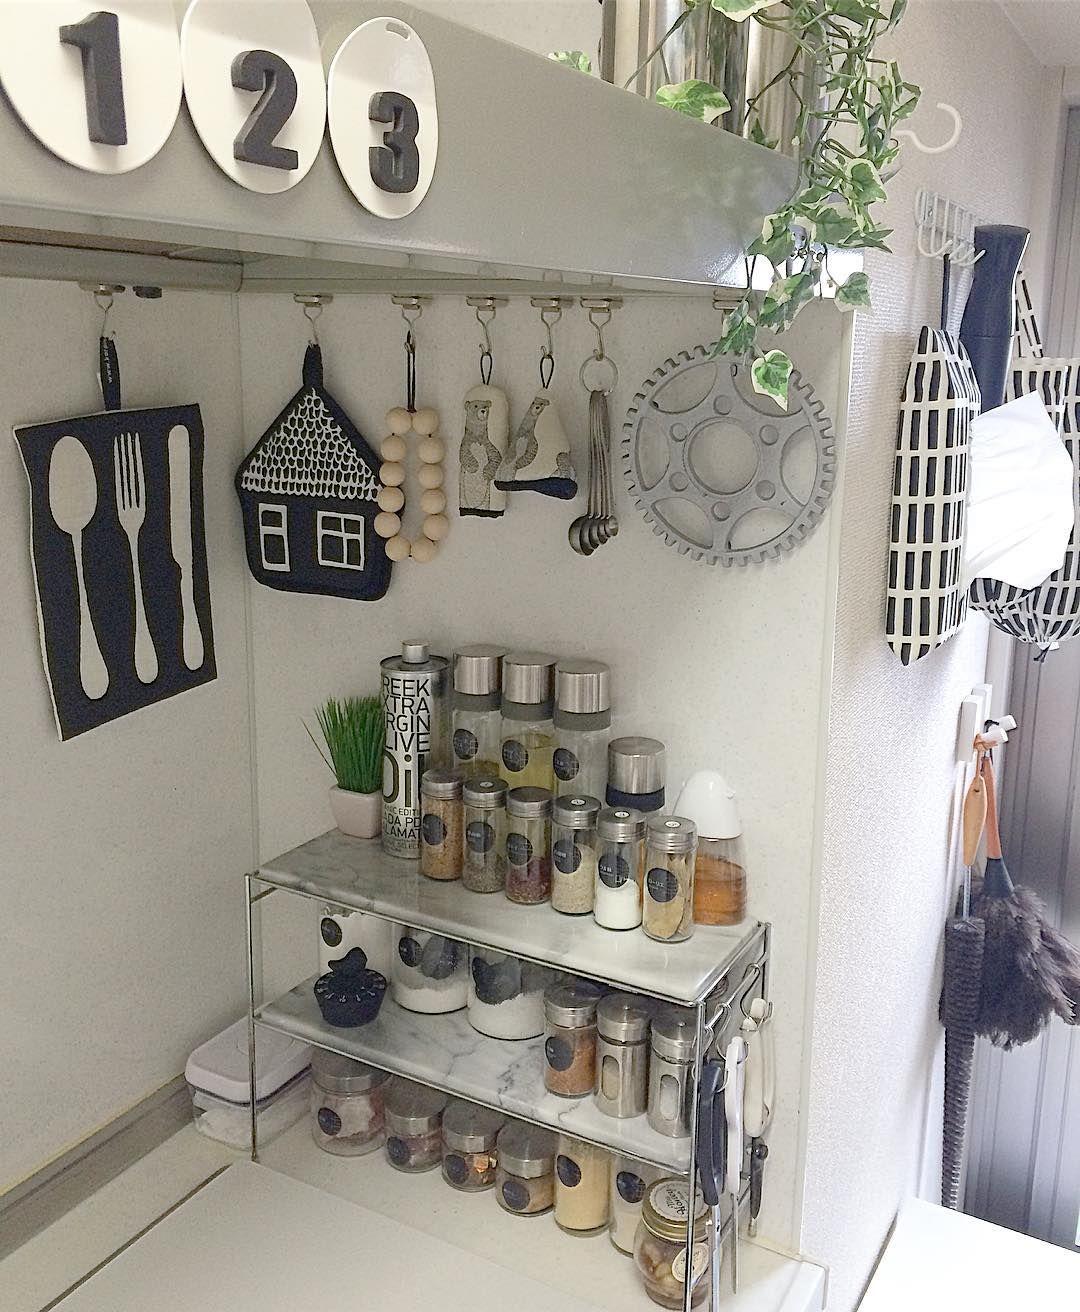 毎月更新 突っ張り棒を使った収納アイデア 実例集 棚 キッチン 洗面所 収納 アイデア 収納 なべ敷き